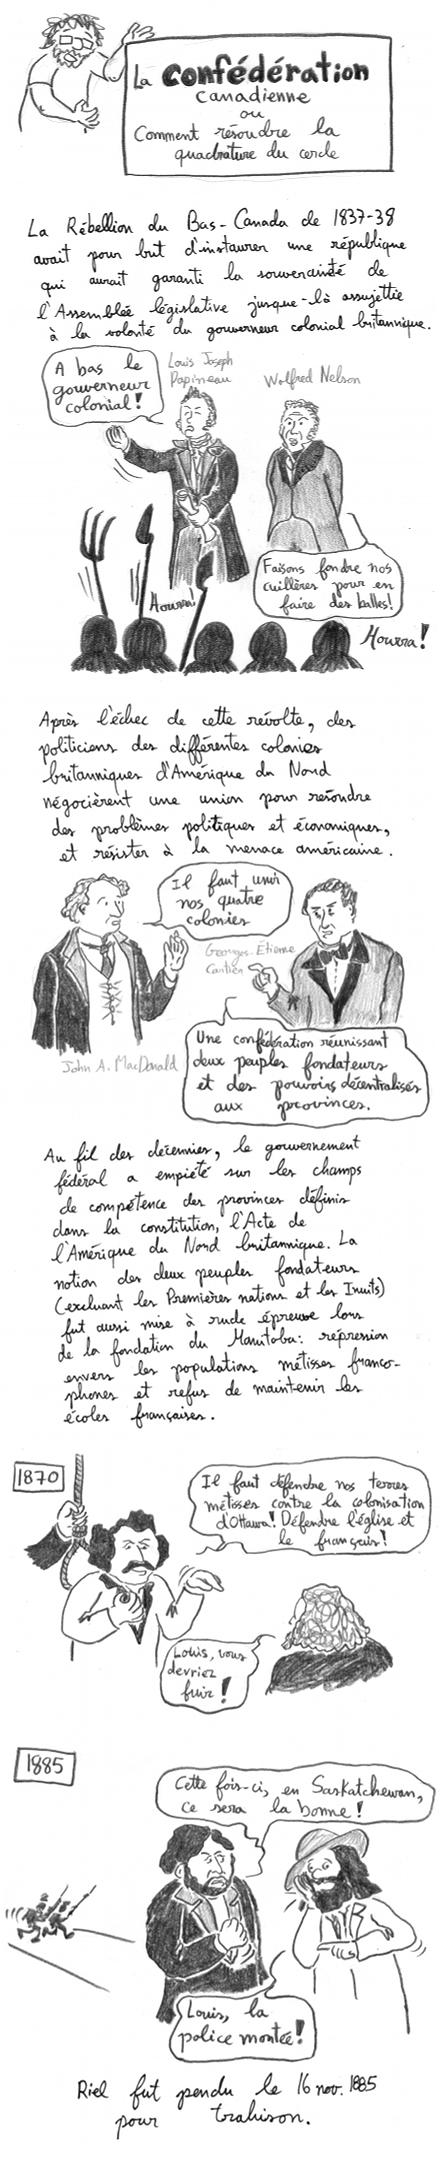 L'histoire de la Confédération canadienne et le débat linguistique